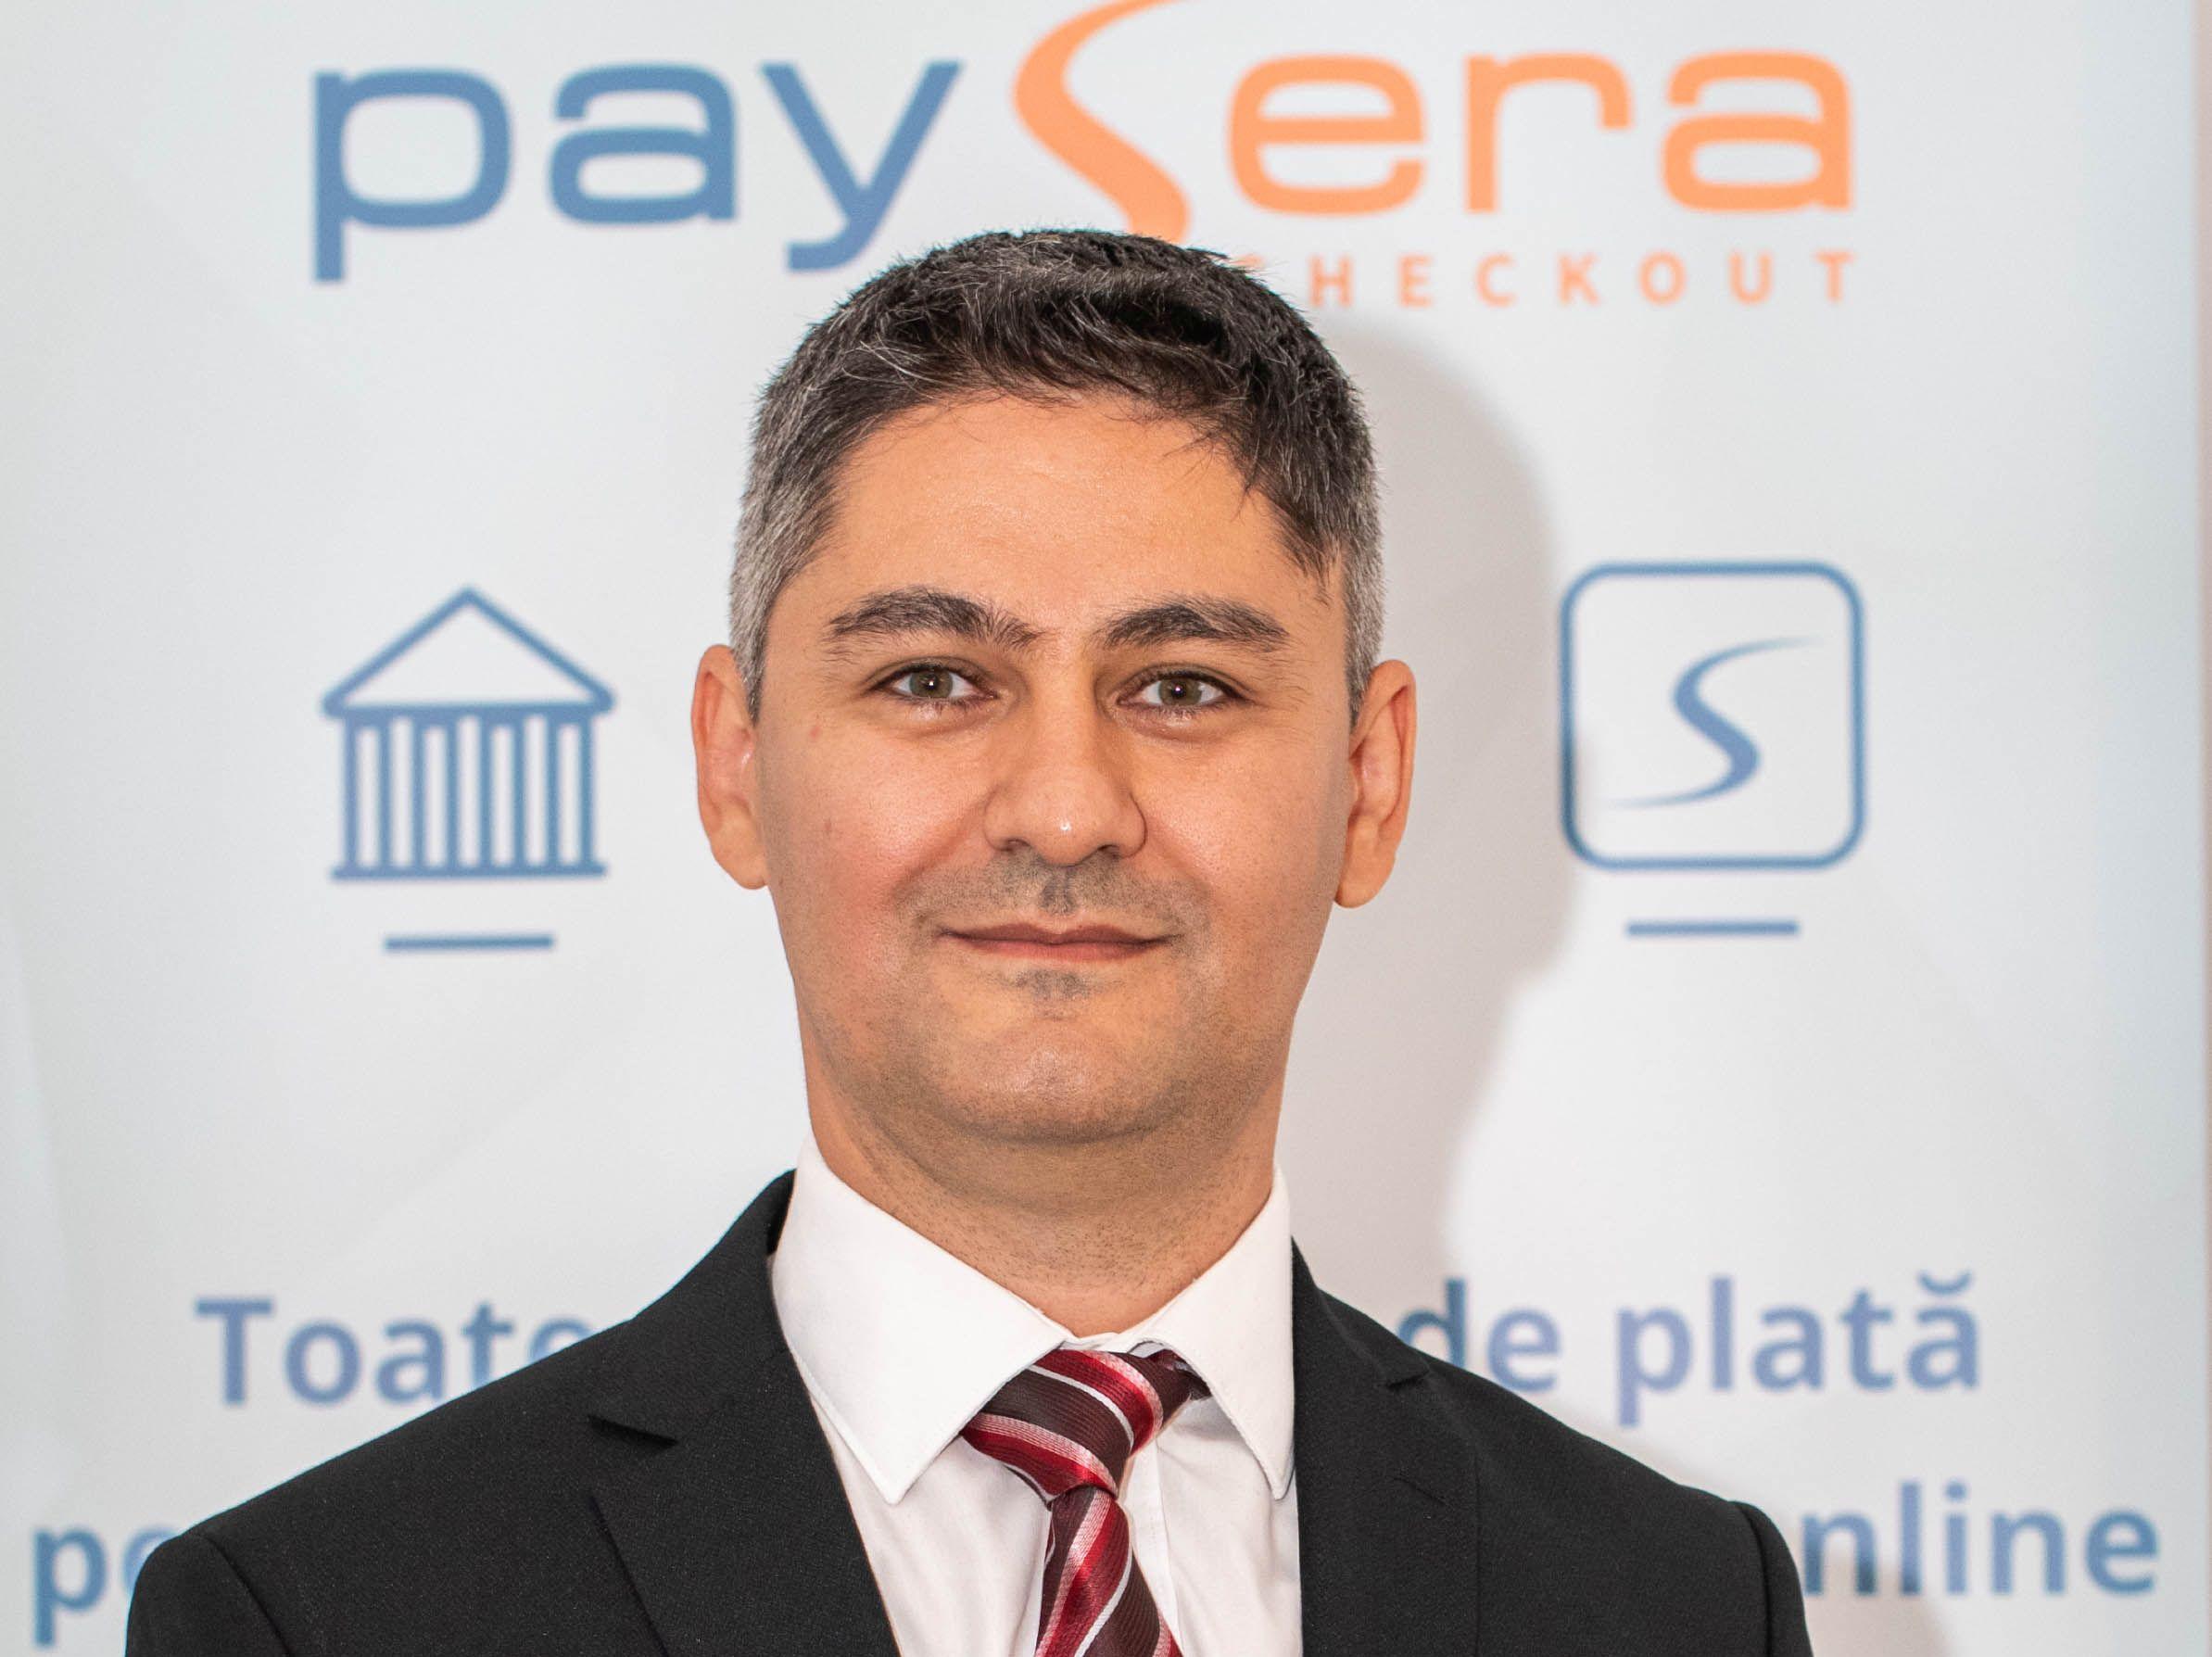 Paysera, în parteneriat cu Libra Internet Bank,a lansat IBAN-urile individuale în lei